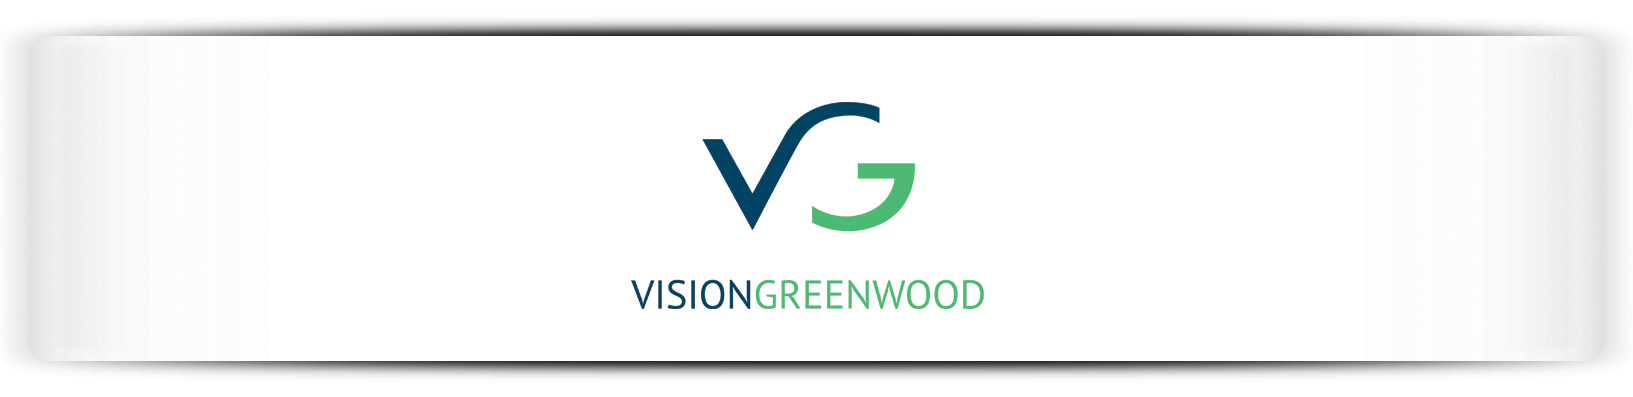 VisionGreenwood Logo